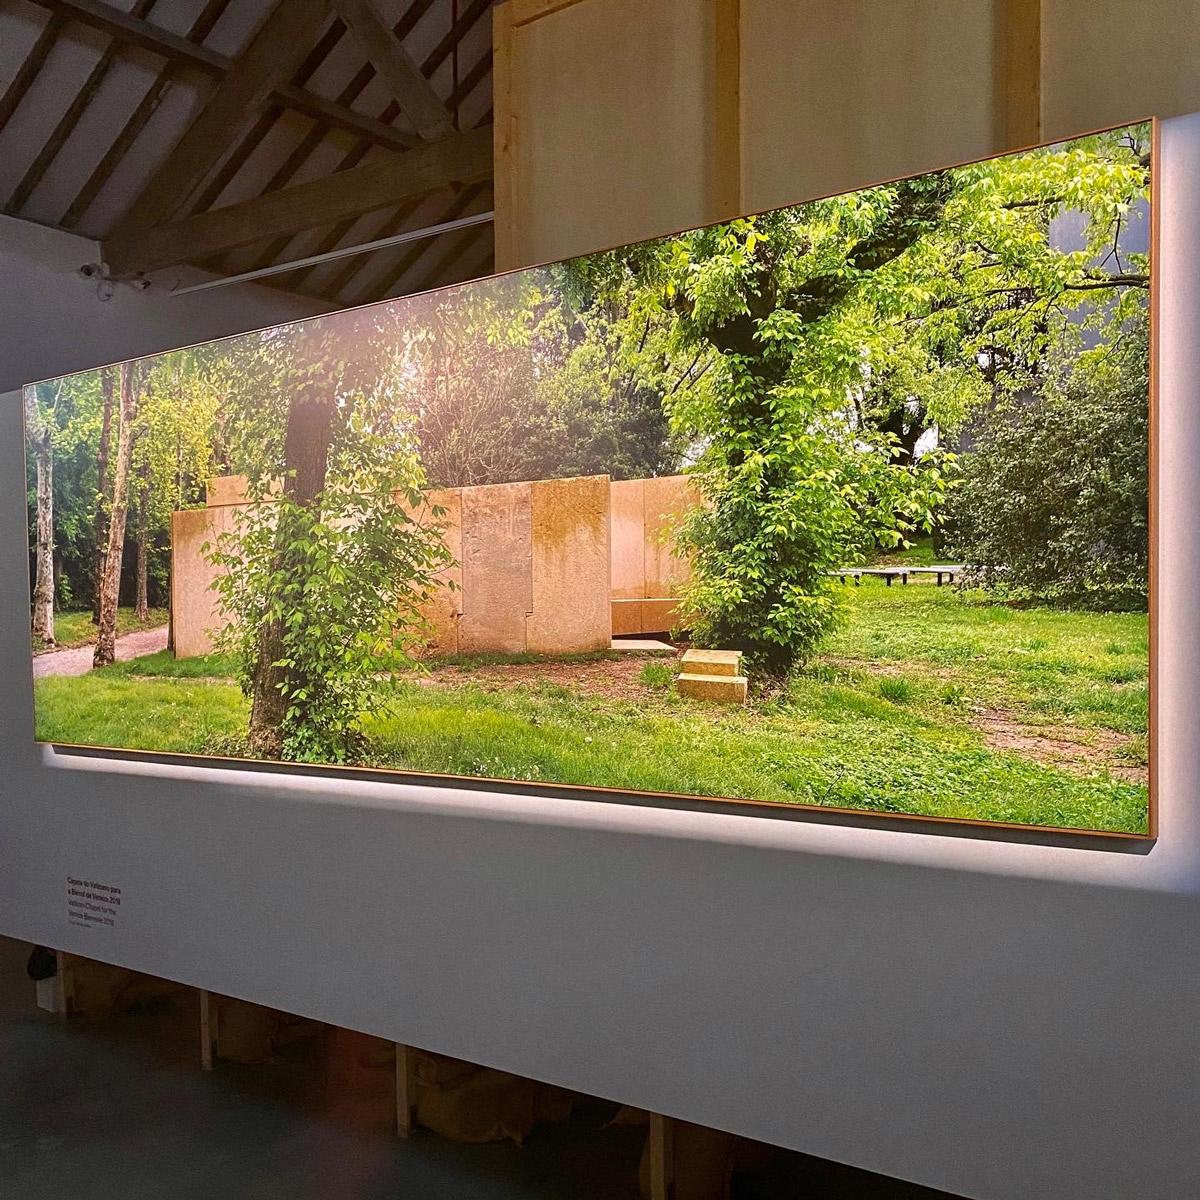 Exposición-Souto-de-Moura-Porcelanosa-Lifestyle-2